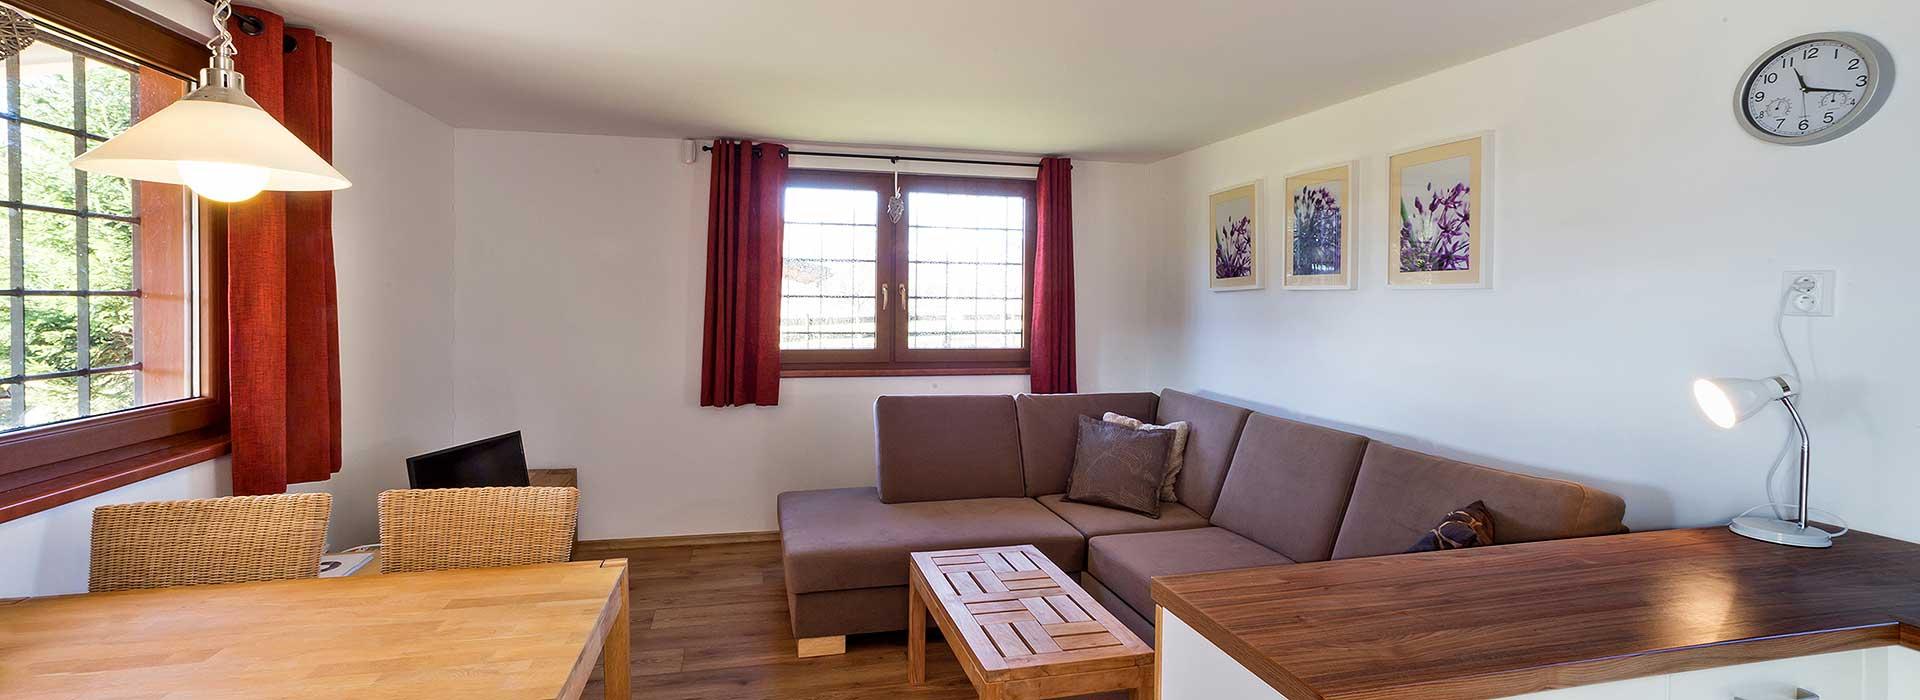 Lipno Mobile Home Hůrka - interiér